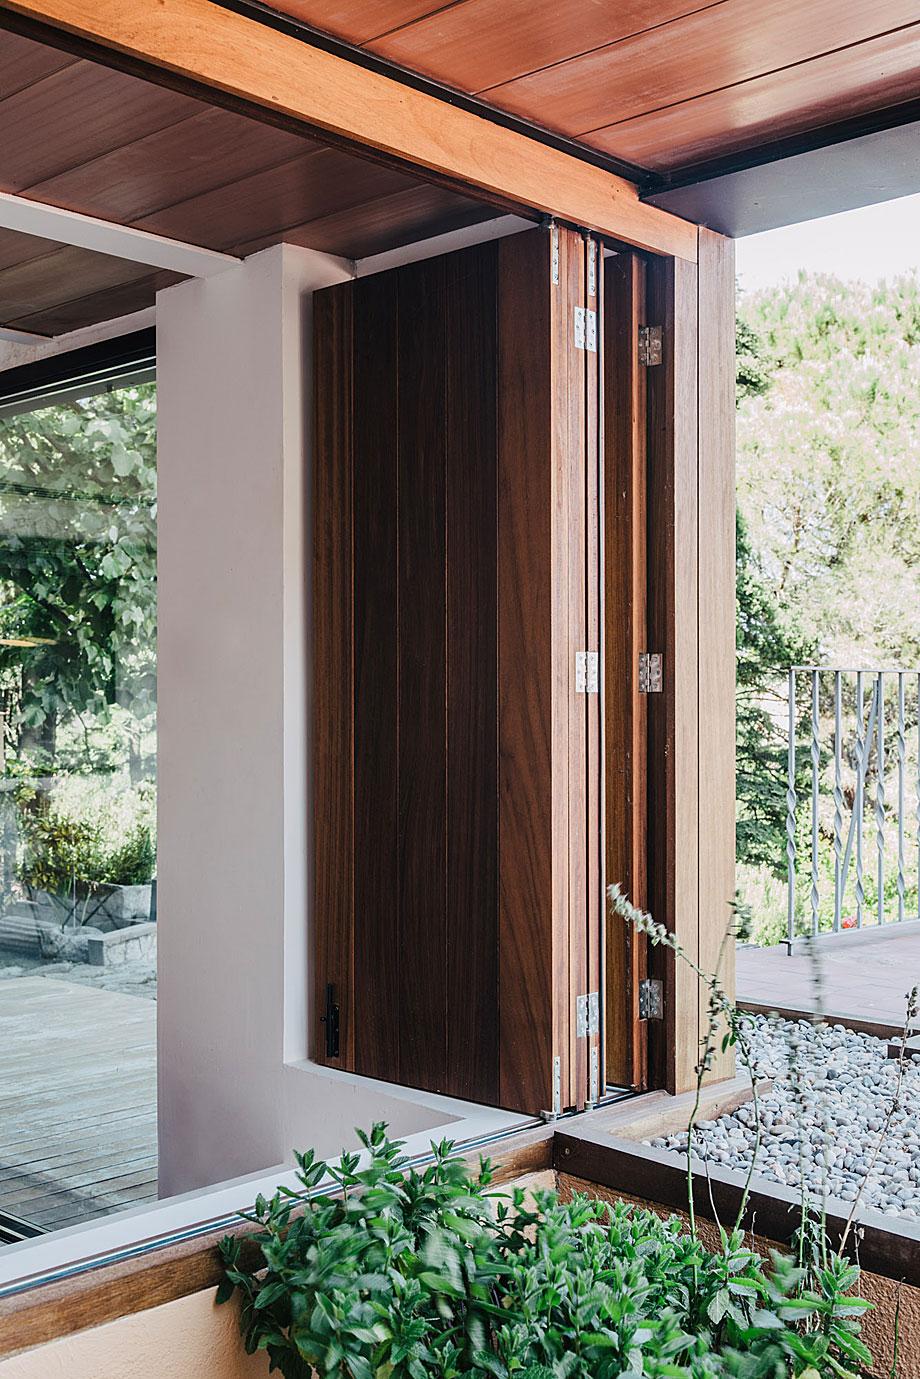 mesura-architecture-sant-mori-ampliacion-girona-housing-project-spain-arquitectura-18